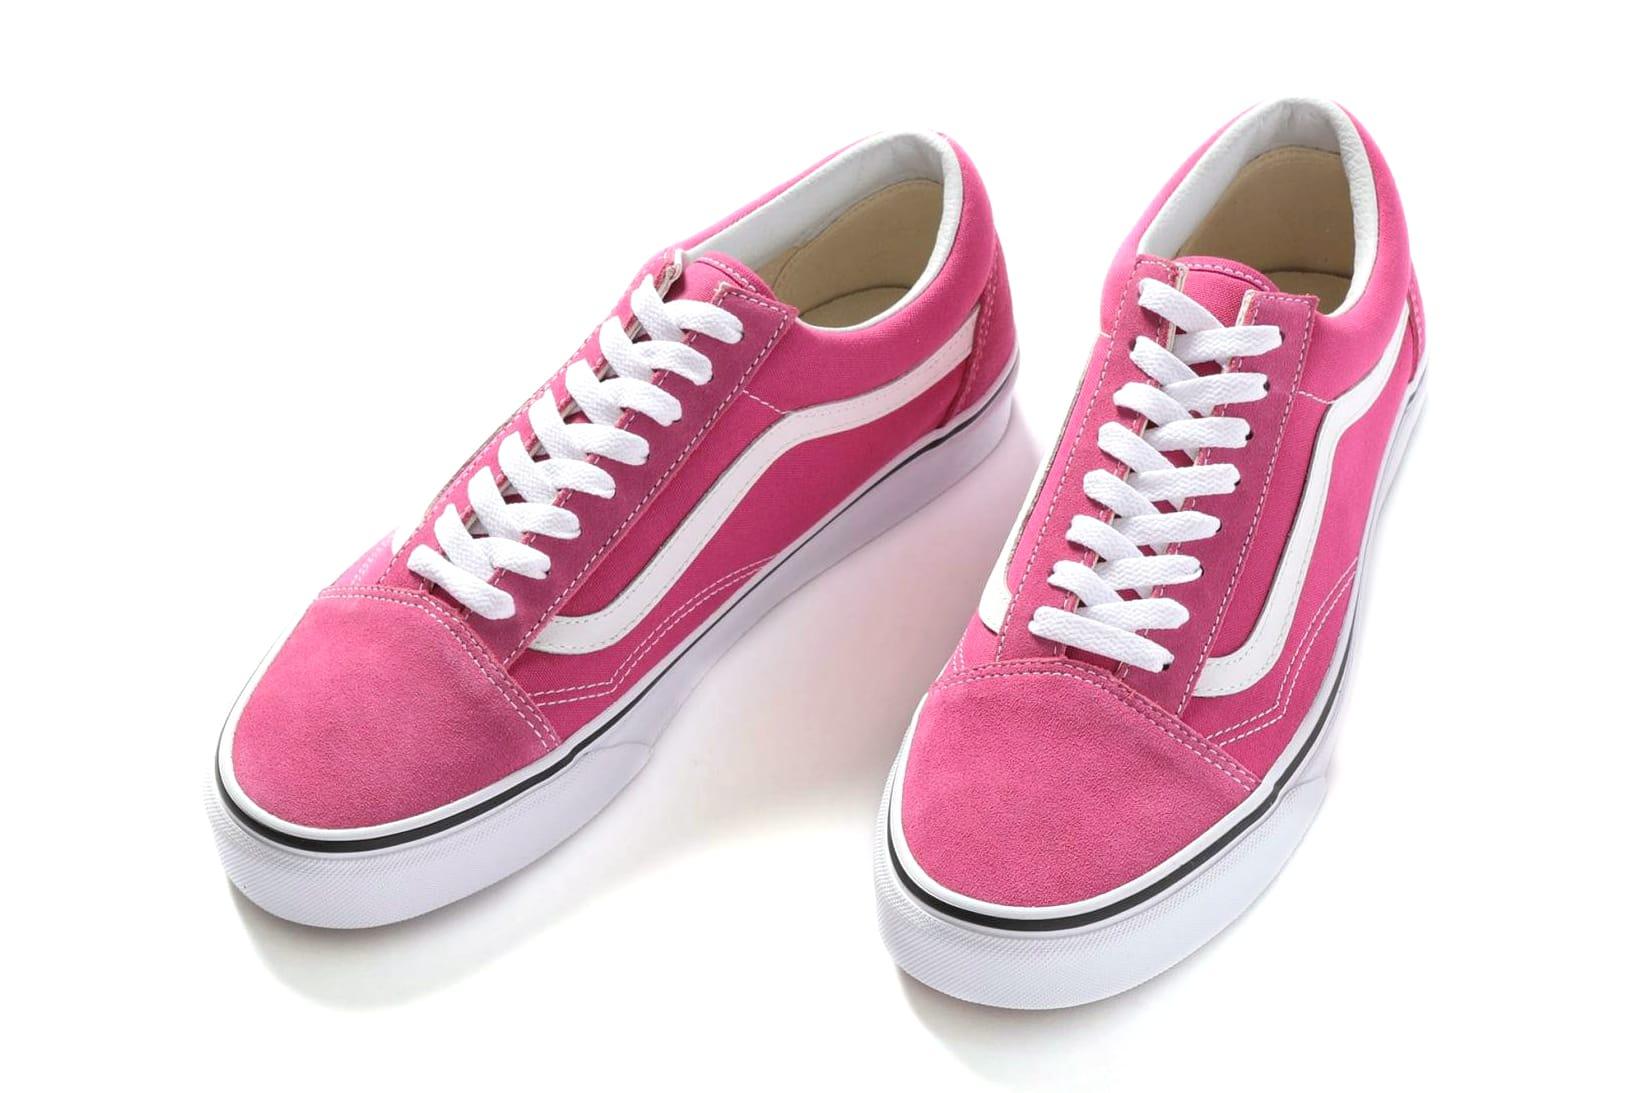 Vans Old Skool Very Berry Is Bubblegum